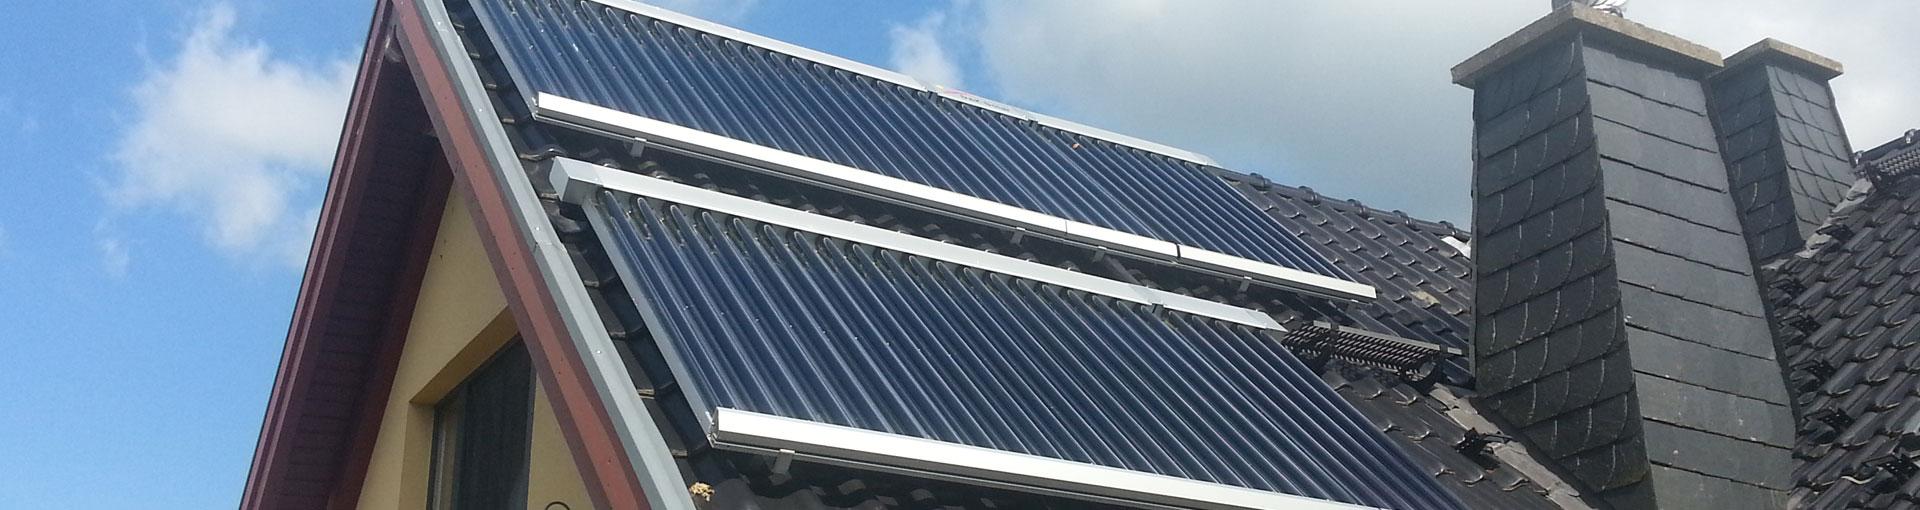 Solarkollektor Flüssigkeit